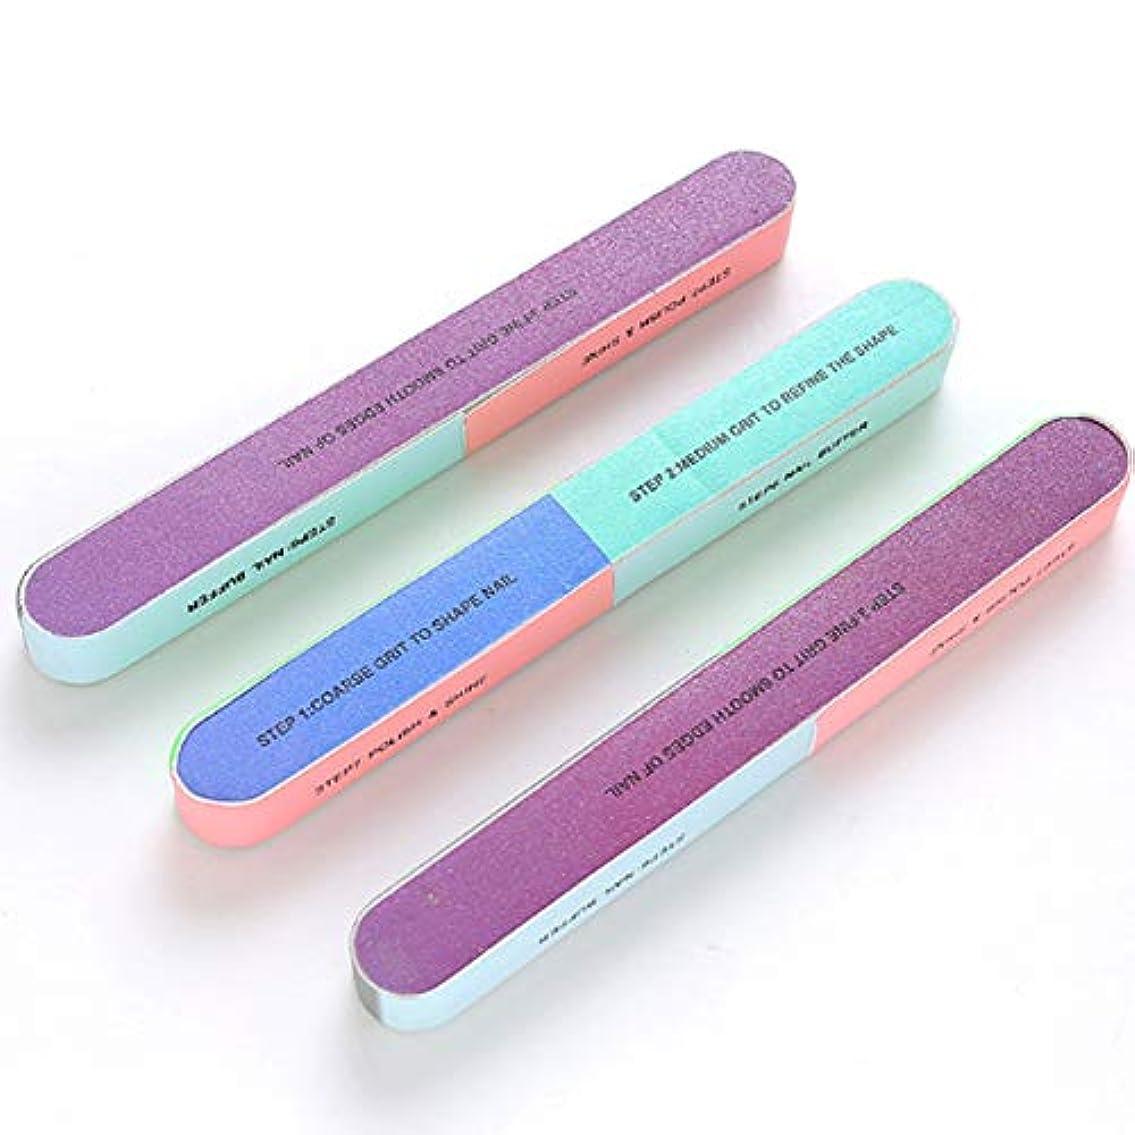 愛ピクニックすなわちCalloy 爪やすり 爪磨き ネイルケア ネイルシャイナ― つめやすり つめみがき 男女兼用 3本入 カラーランダム (爪)